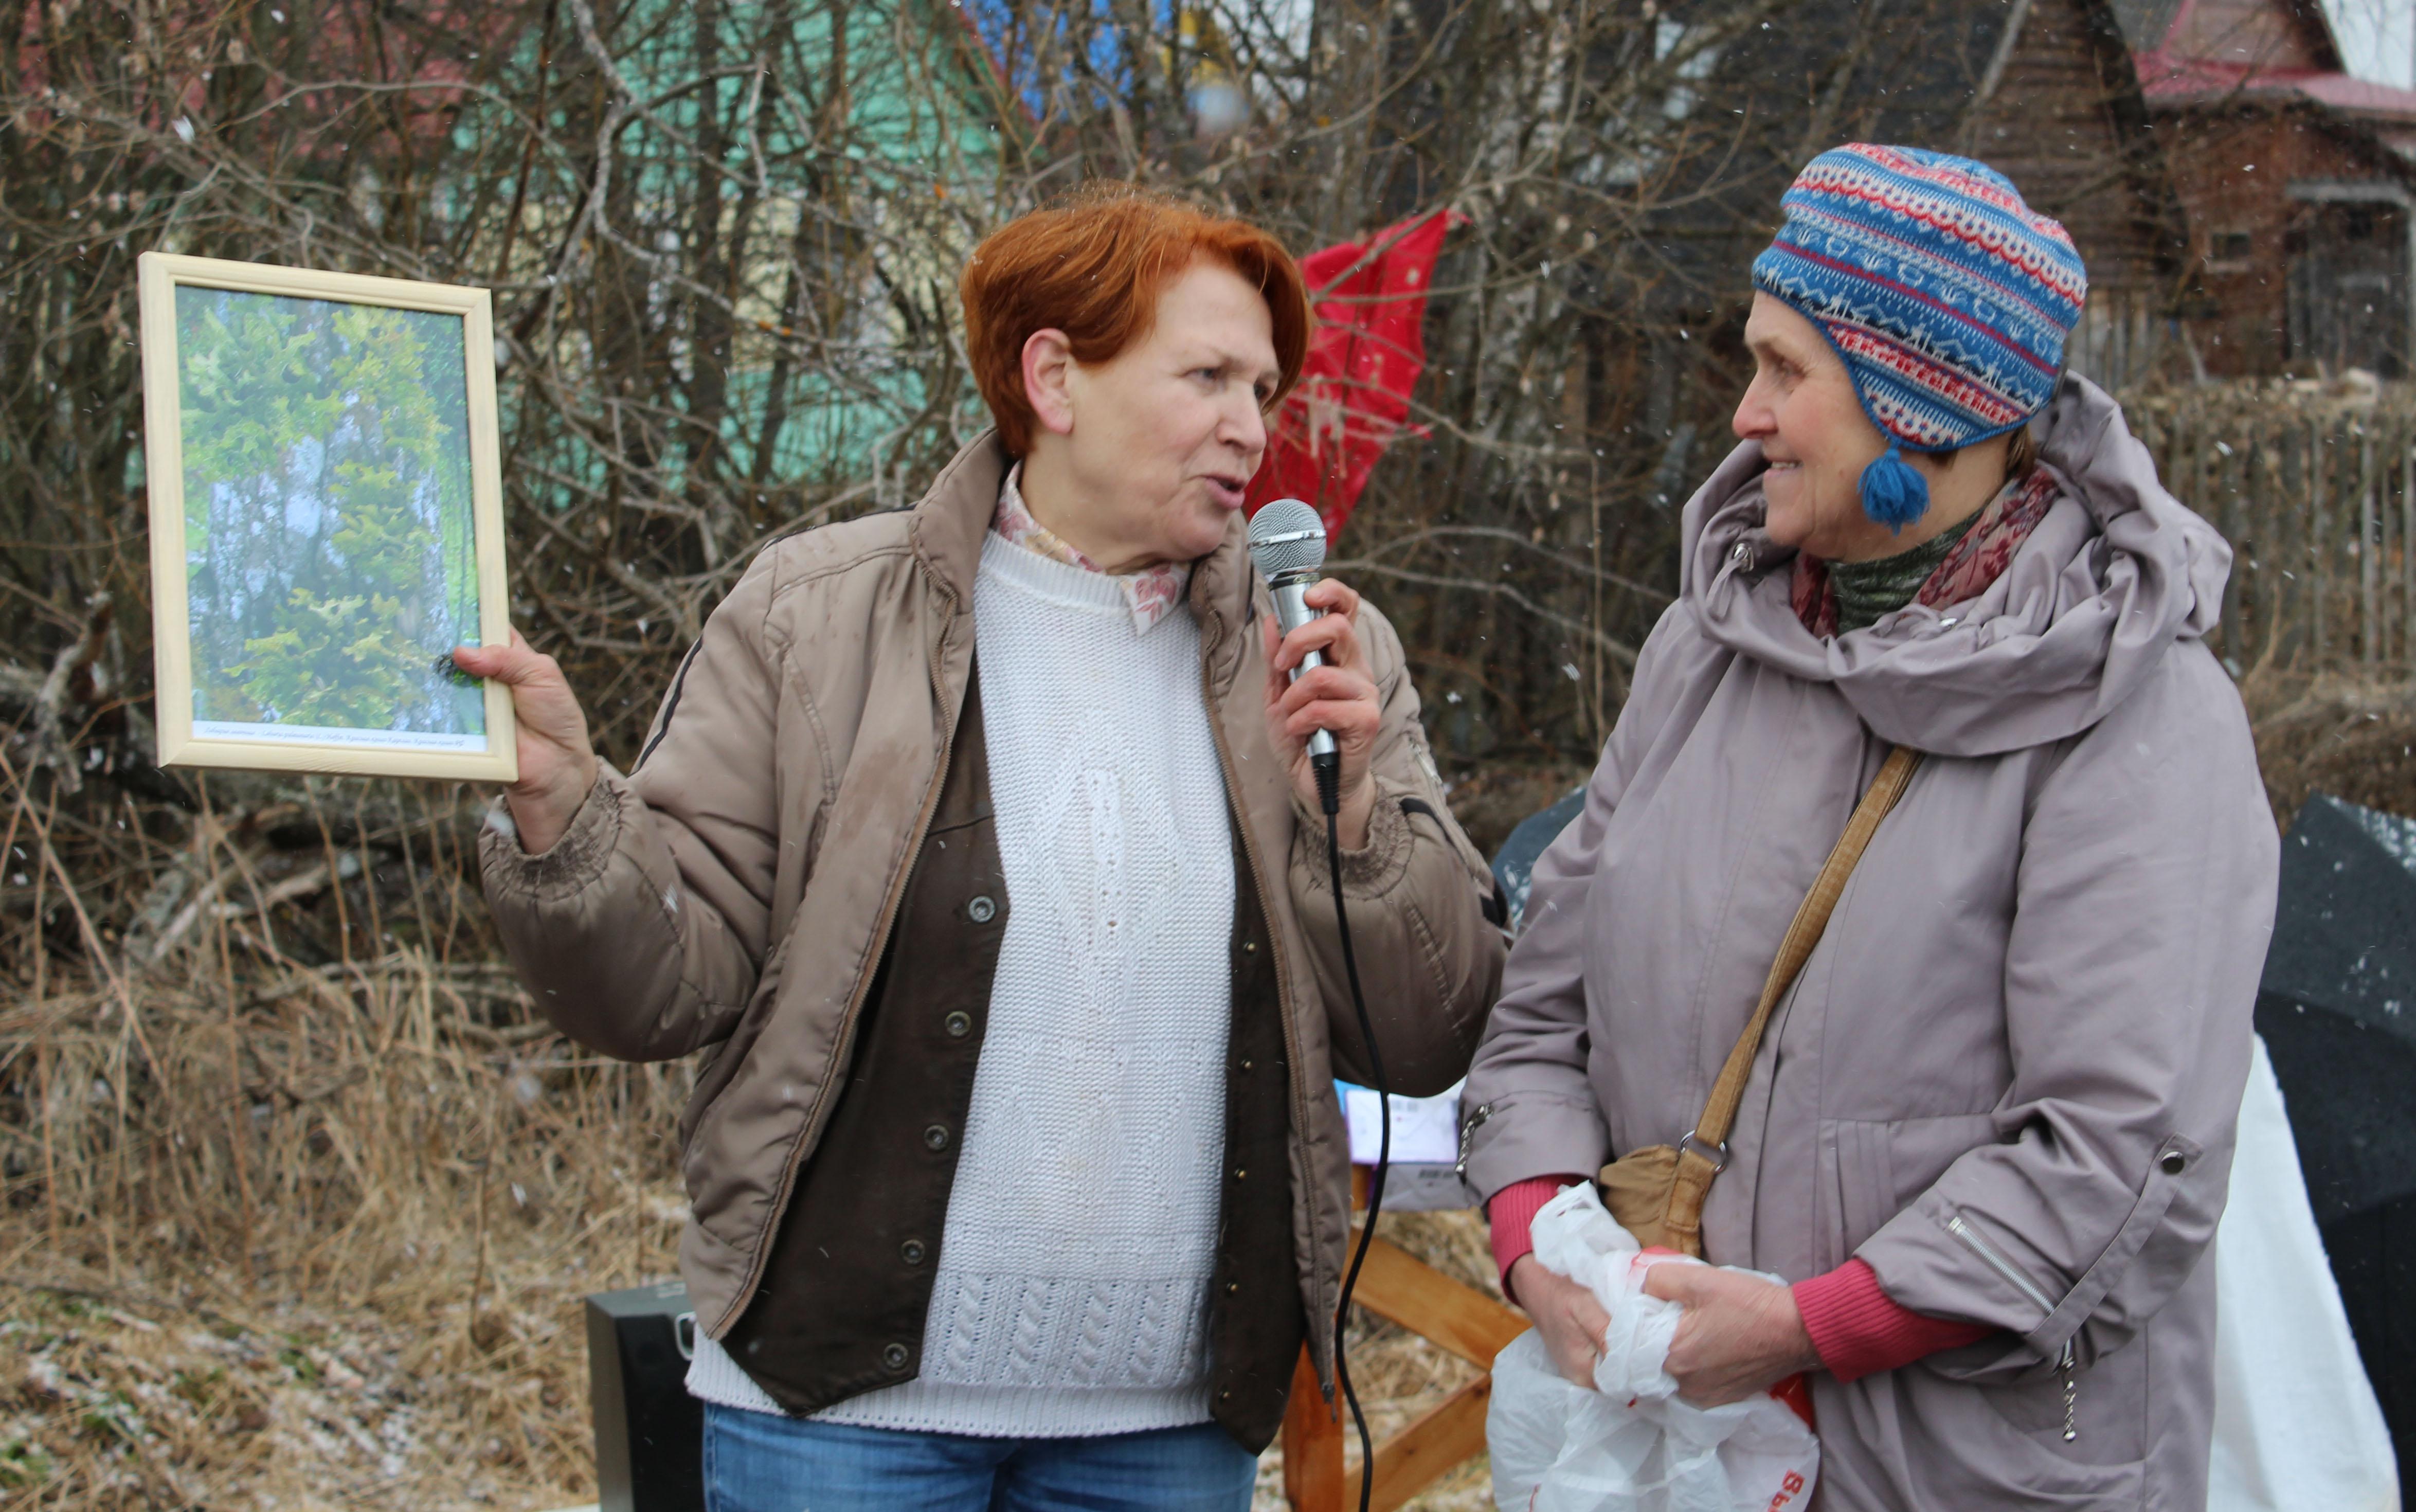 Защитница Сунского бора Татьяна Ромахина (слева) и профессор Петрозаводского госуниверситета Евгения Марковская (справа). Фото: Валерий Поташов